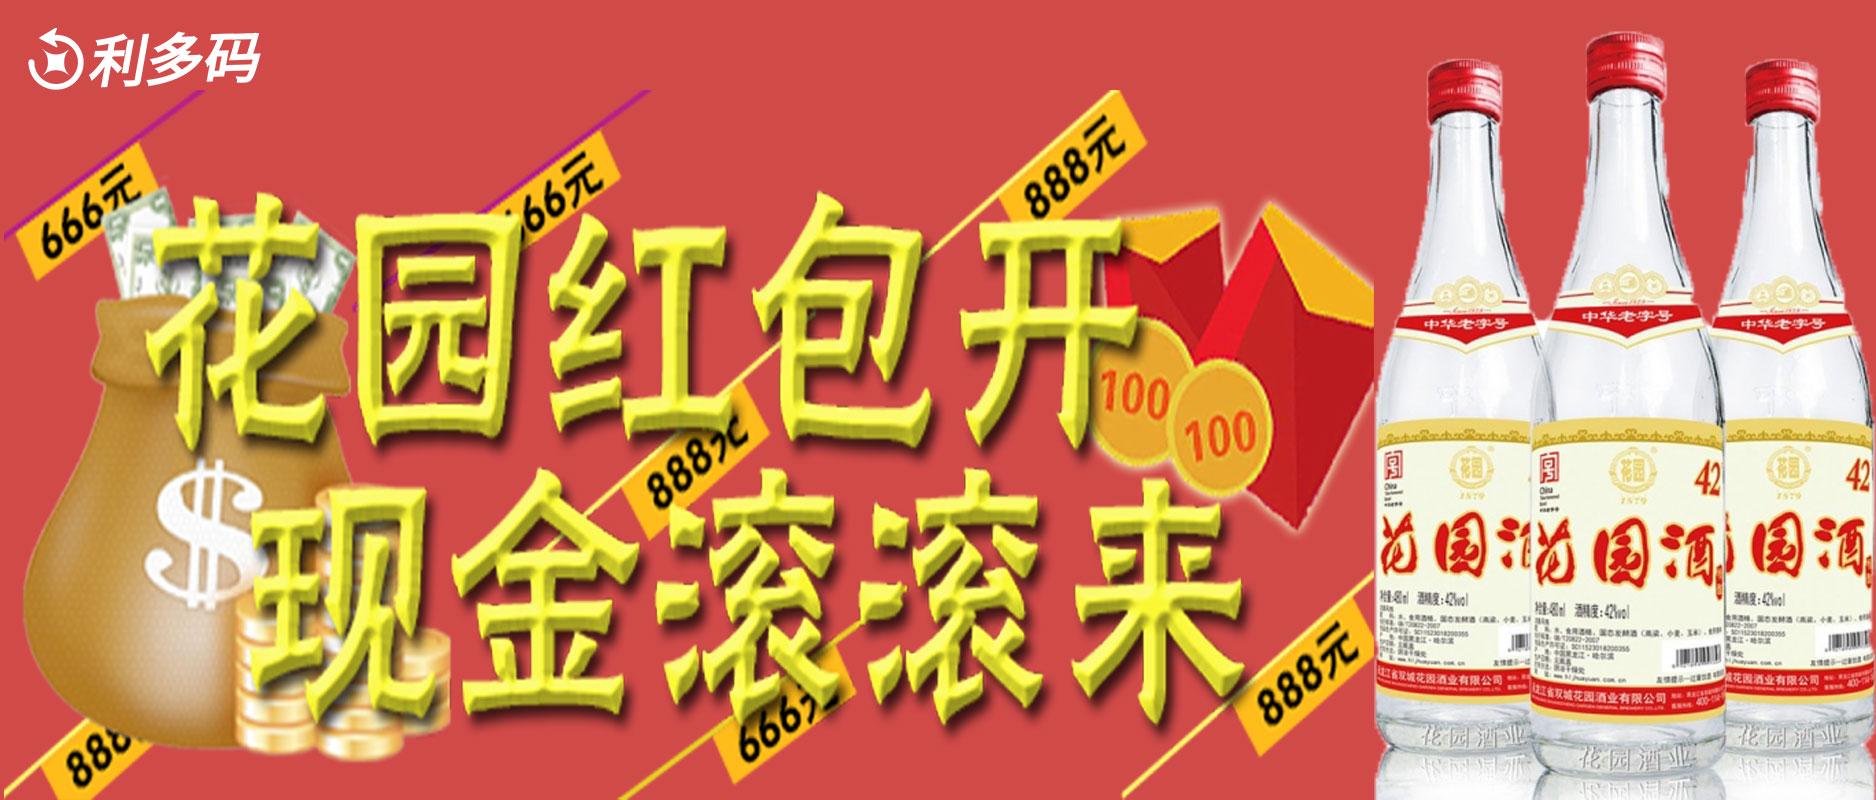 Banner%e8%8a%b1%e5%9b%ad%e9%85%92 1